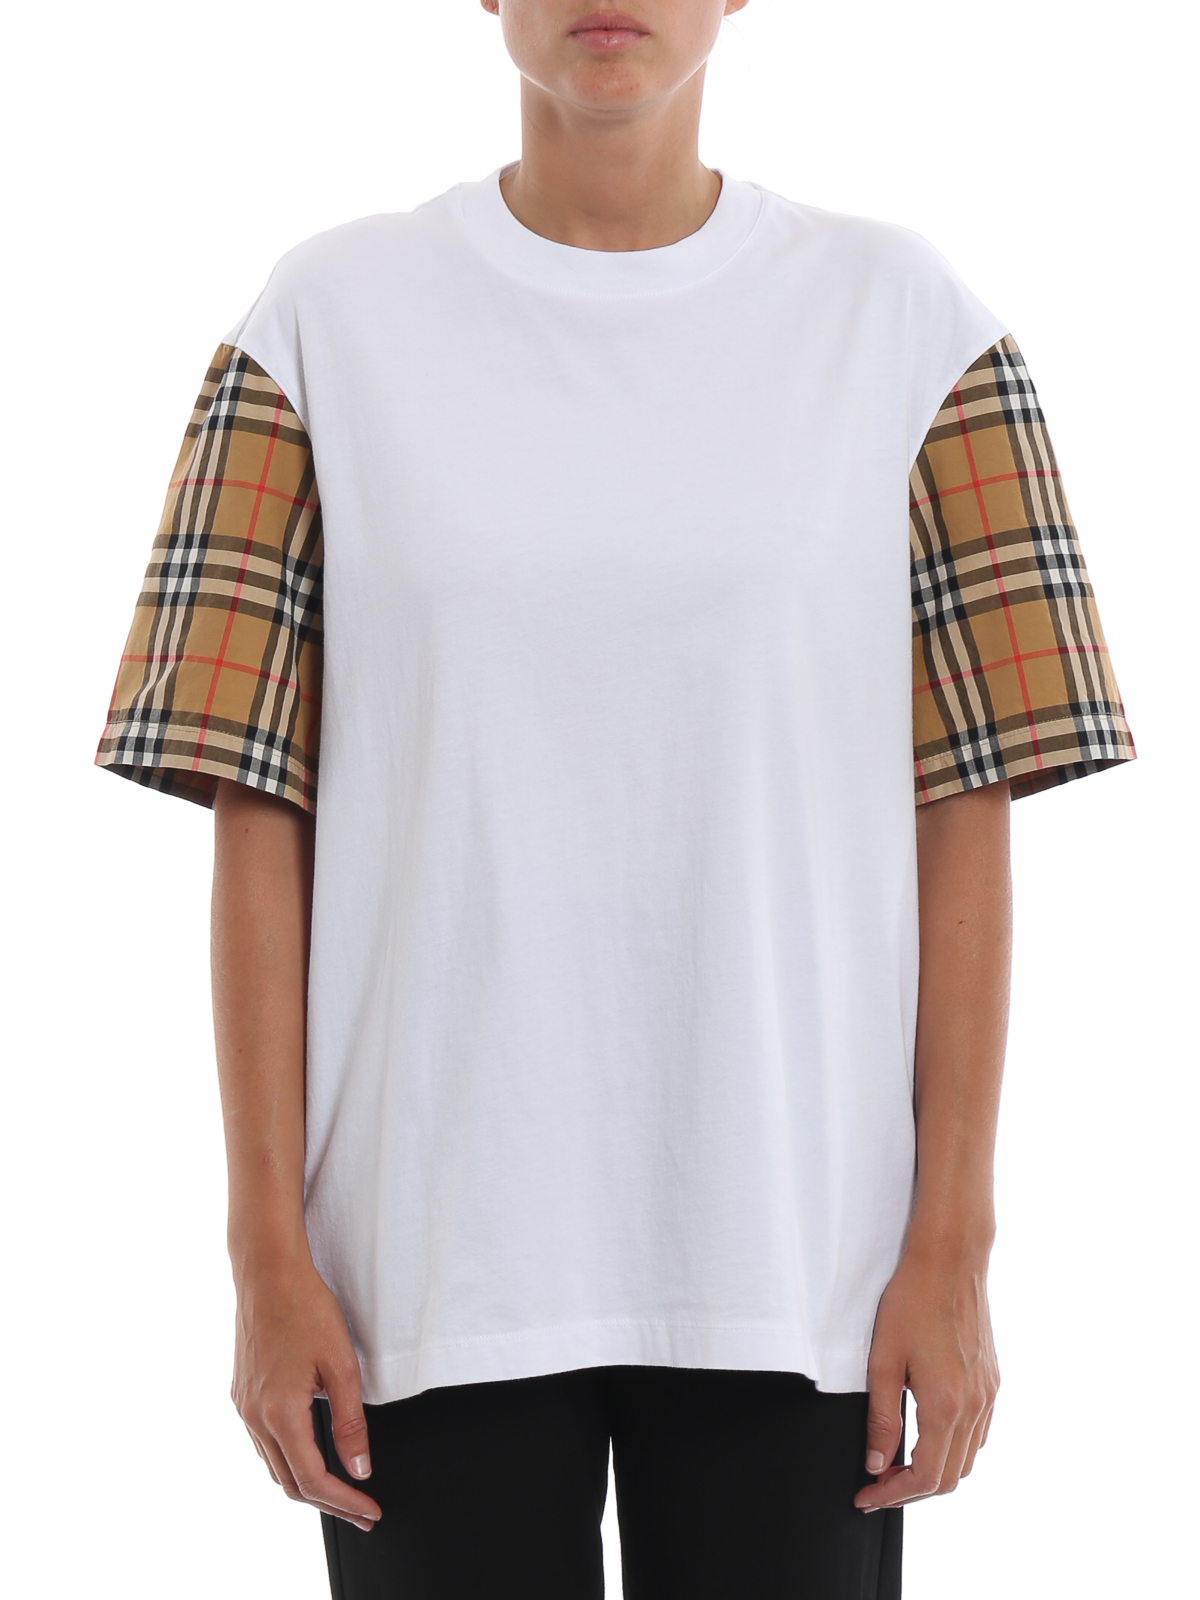 Burberry T shirt bianca Serra con maniche a quadri t